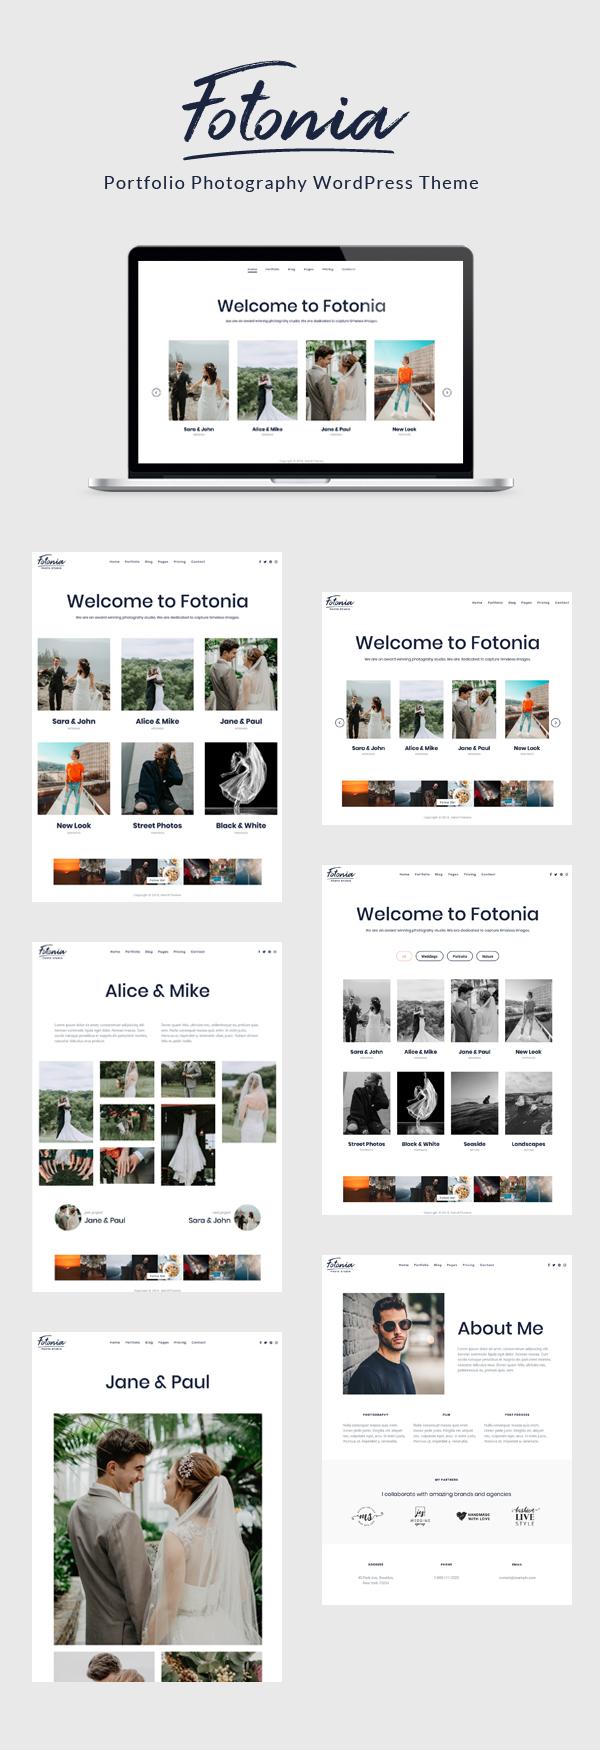 Fotonia - Portfolio Photography Theme for WordPress - 1